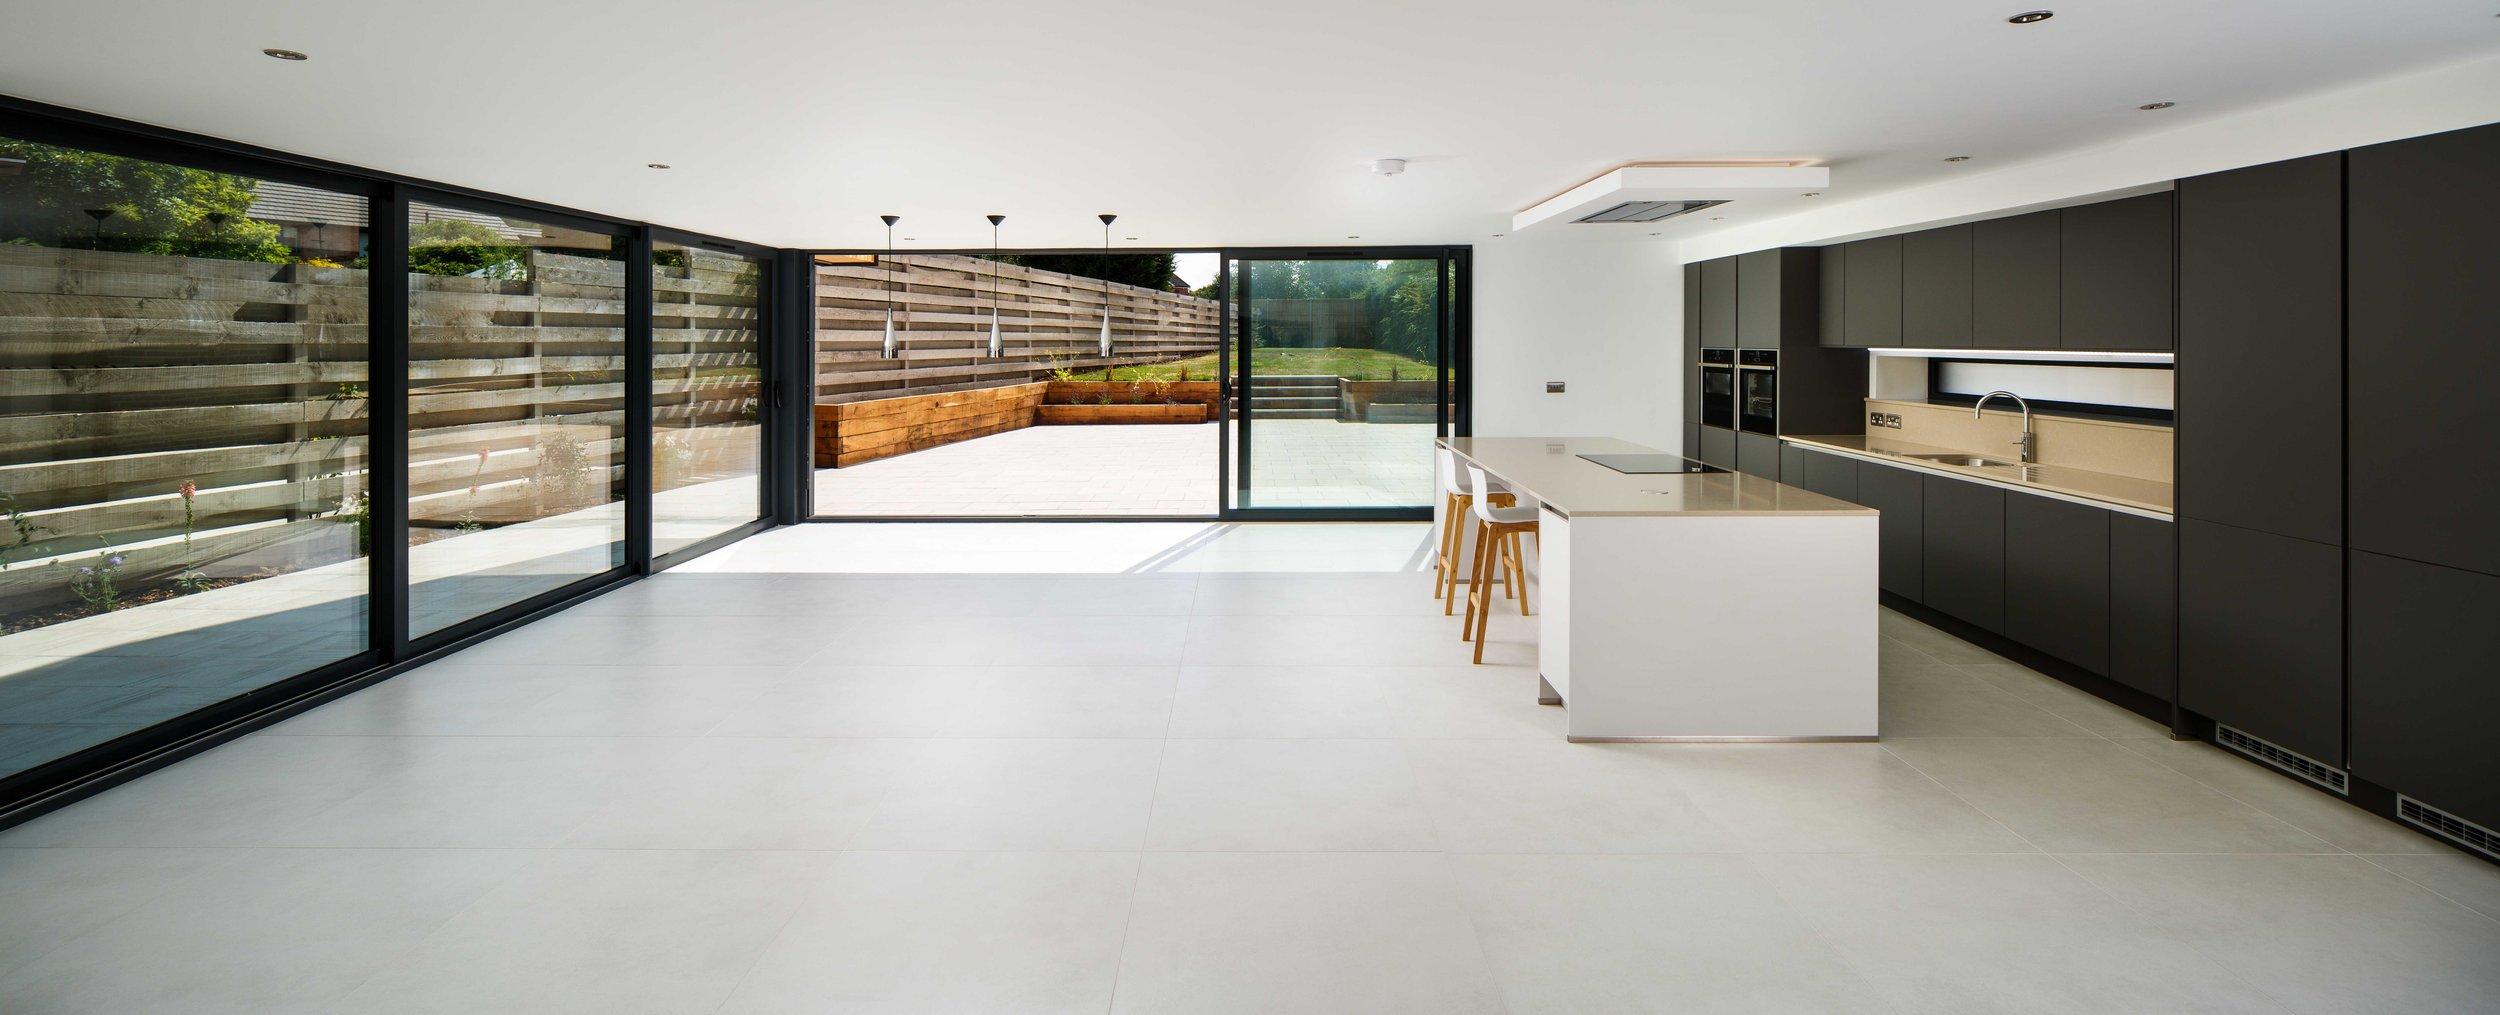 Zinc House 8.jpg